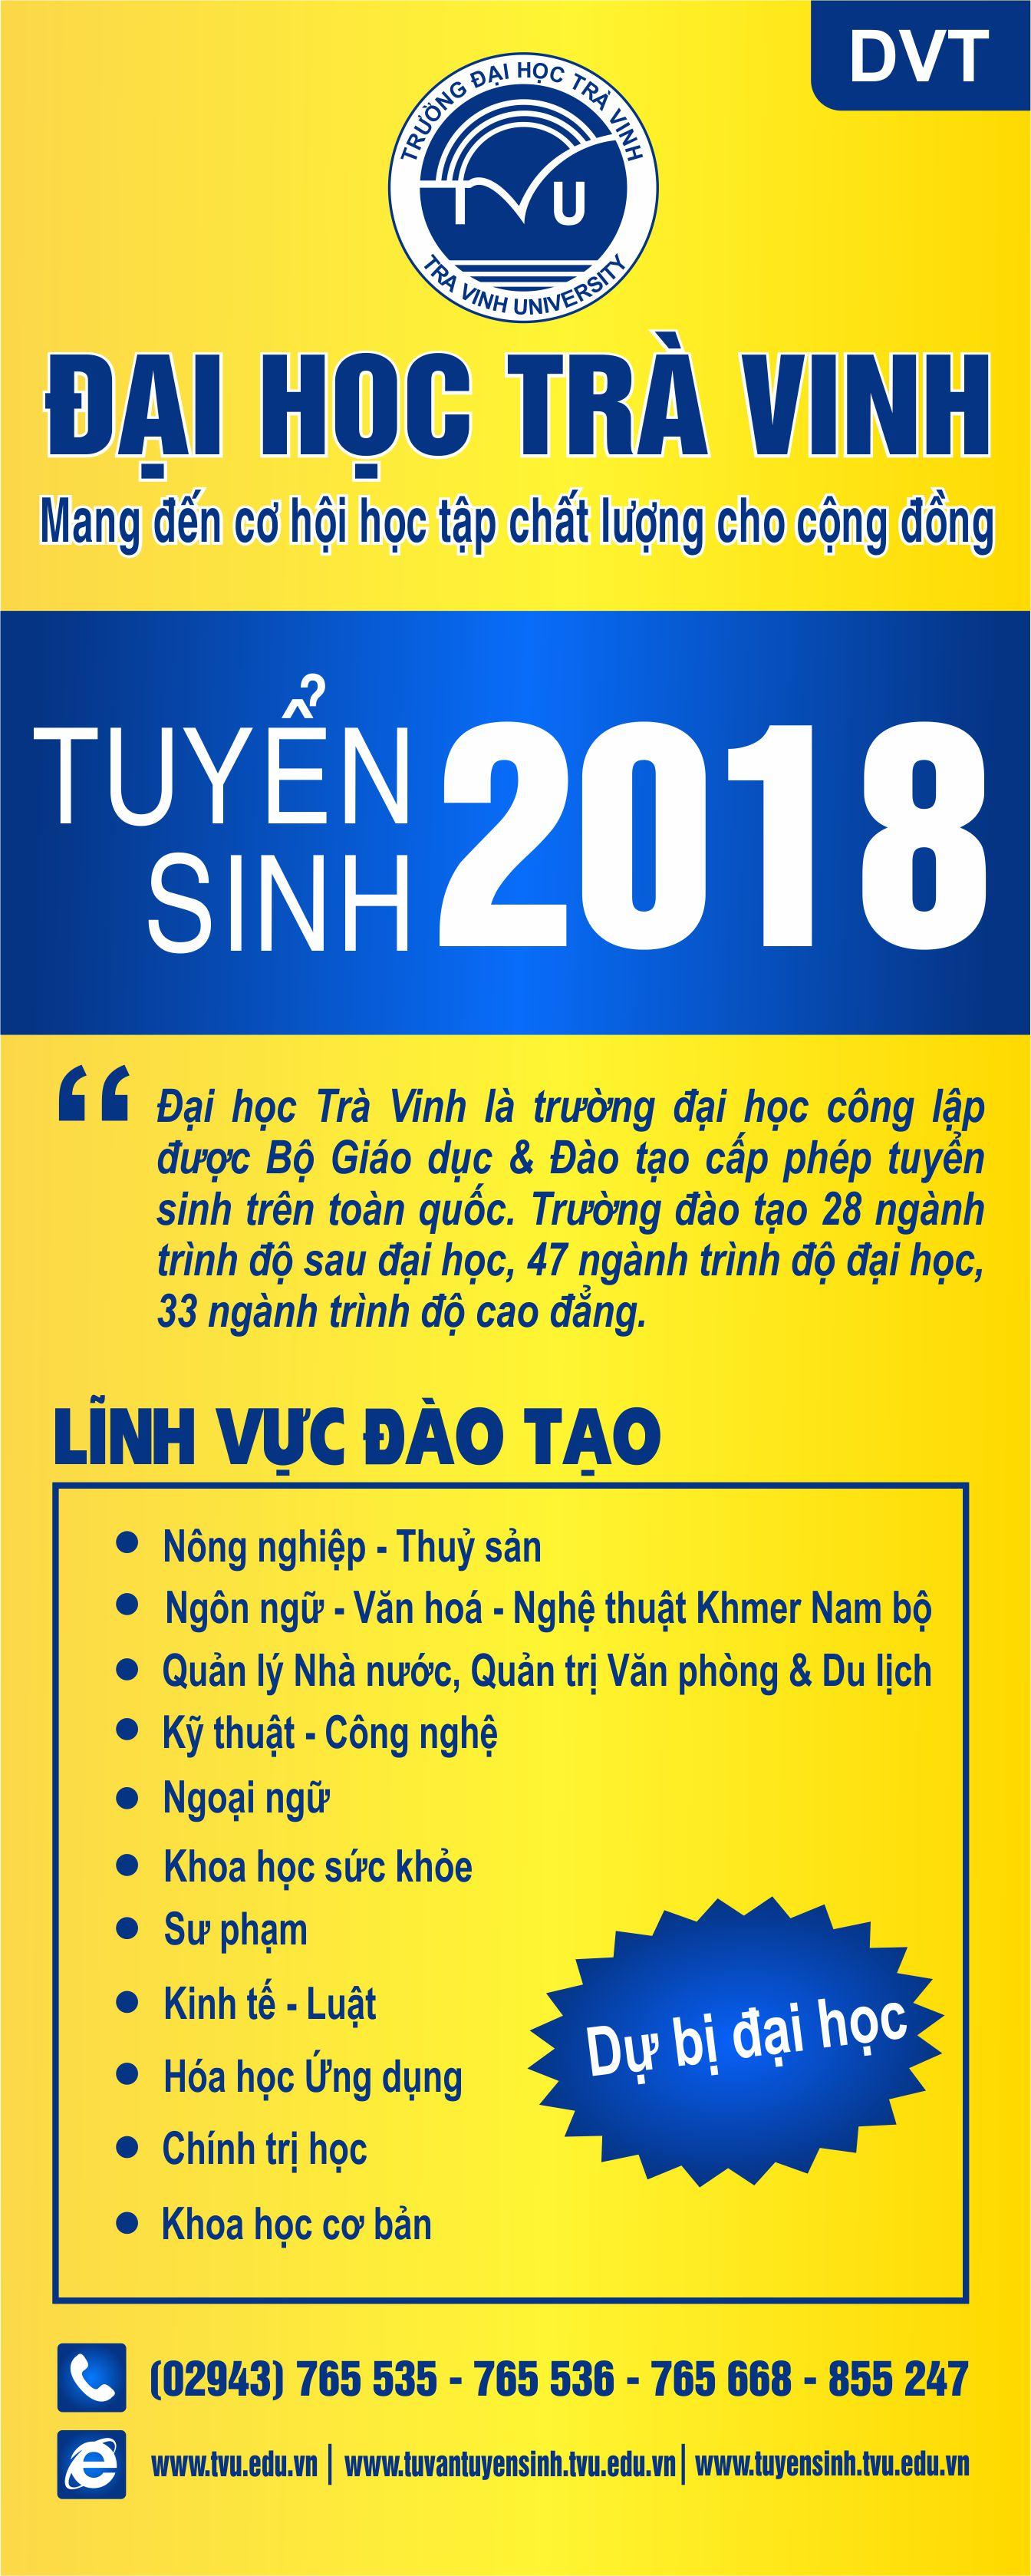 Đại học Trà Vinh tuyển sinh 2018